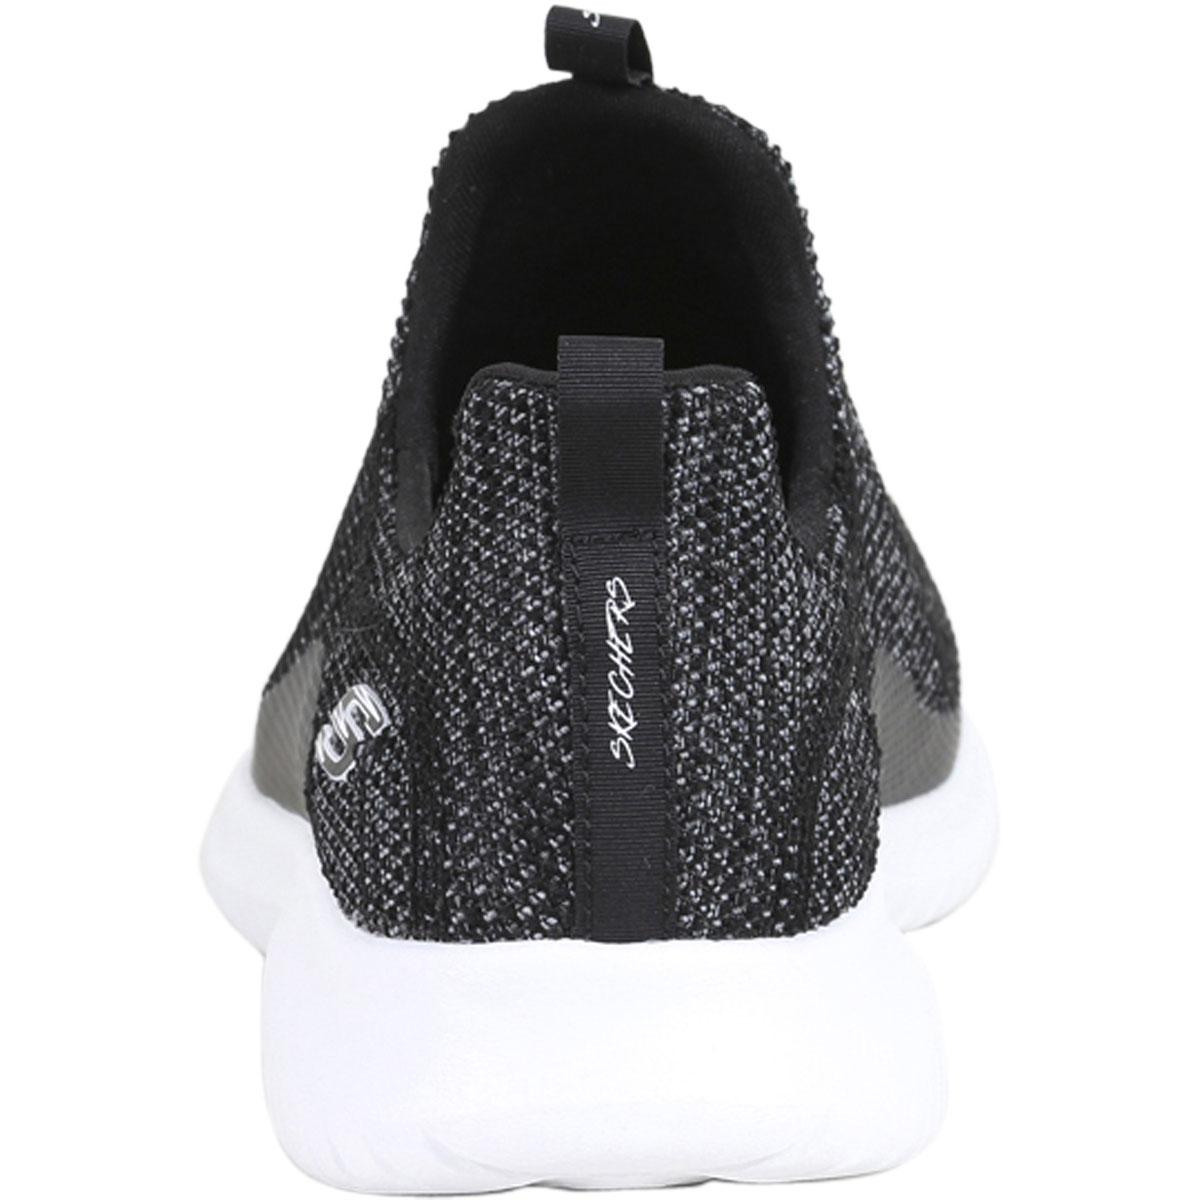 Skechers Women's Ultra Flex Capsule Memory Foam Foam Foam Sneakers shoes d0f4f1